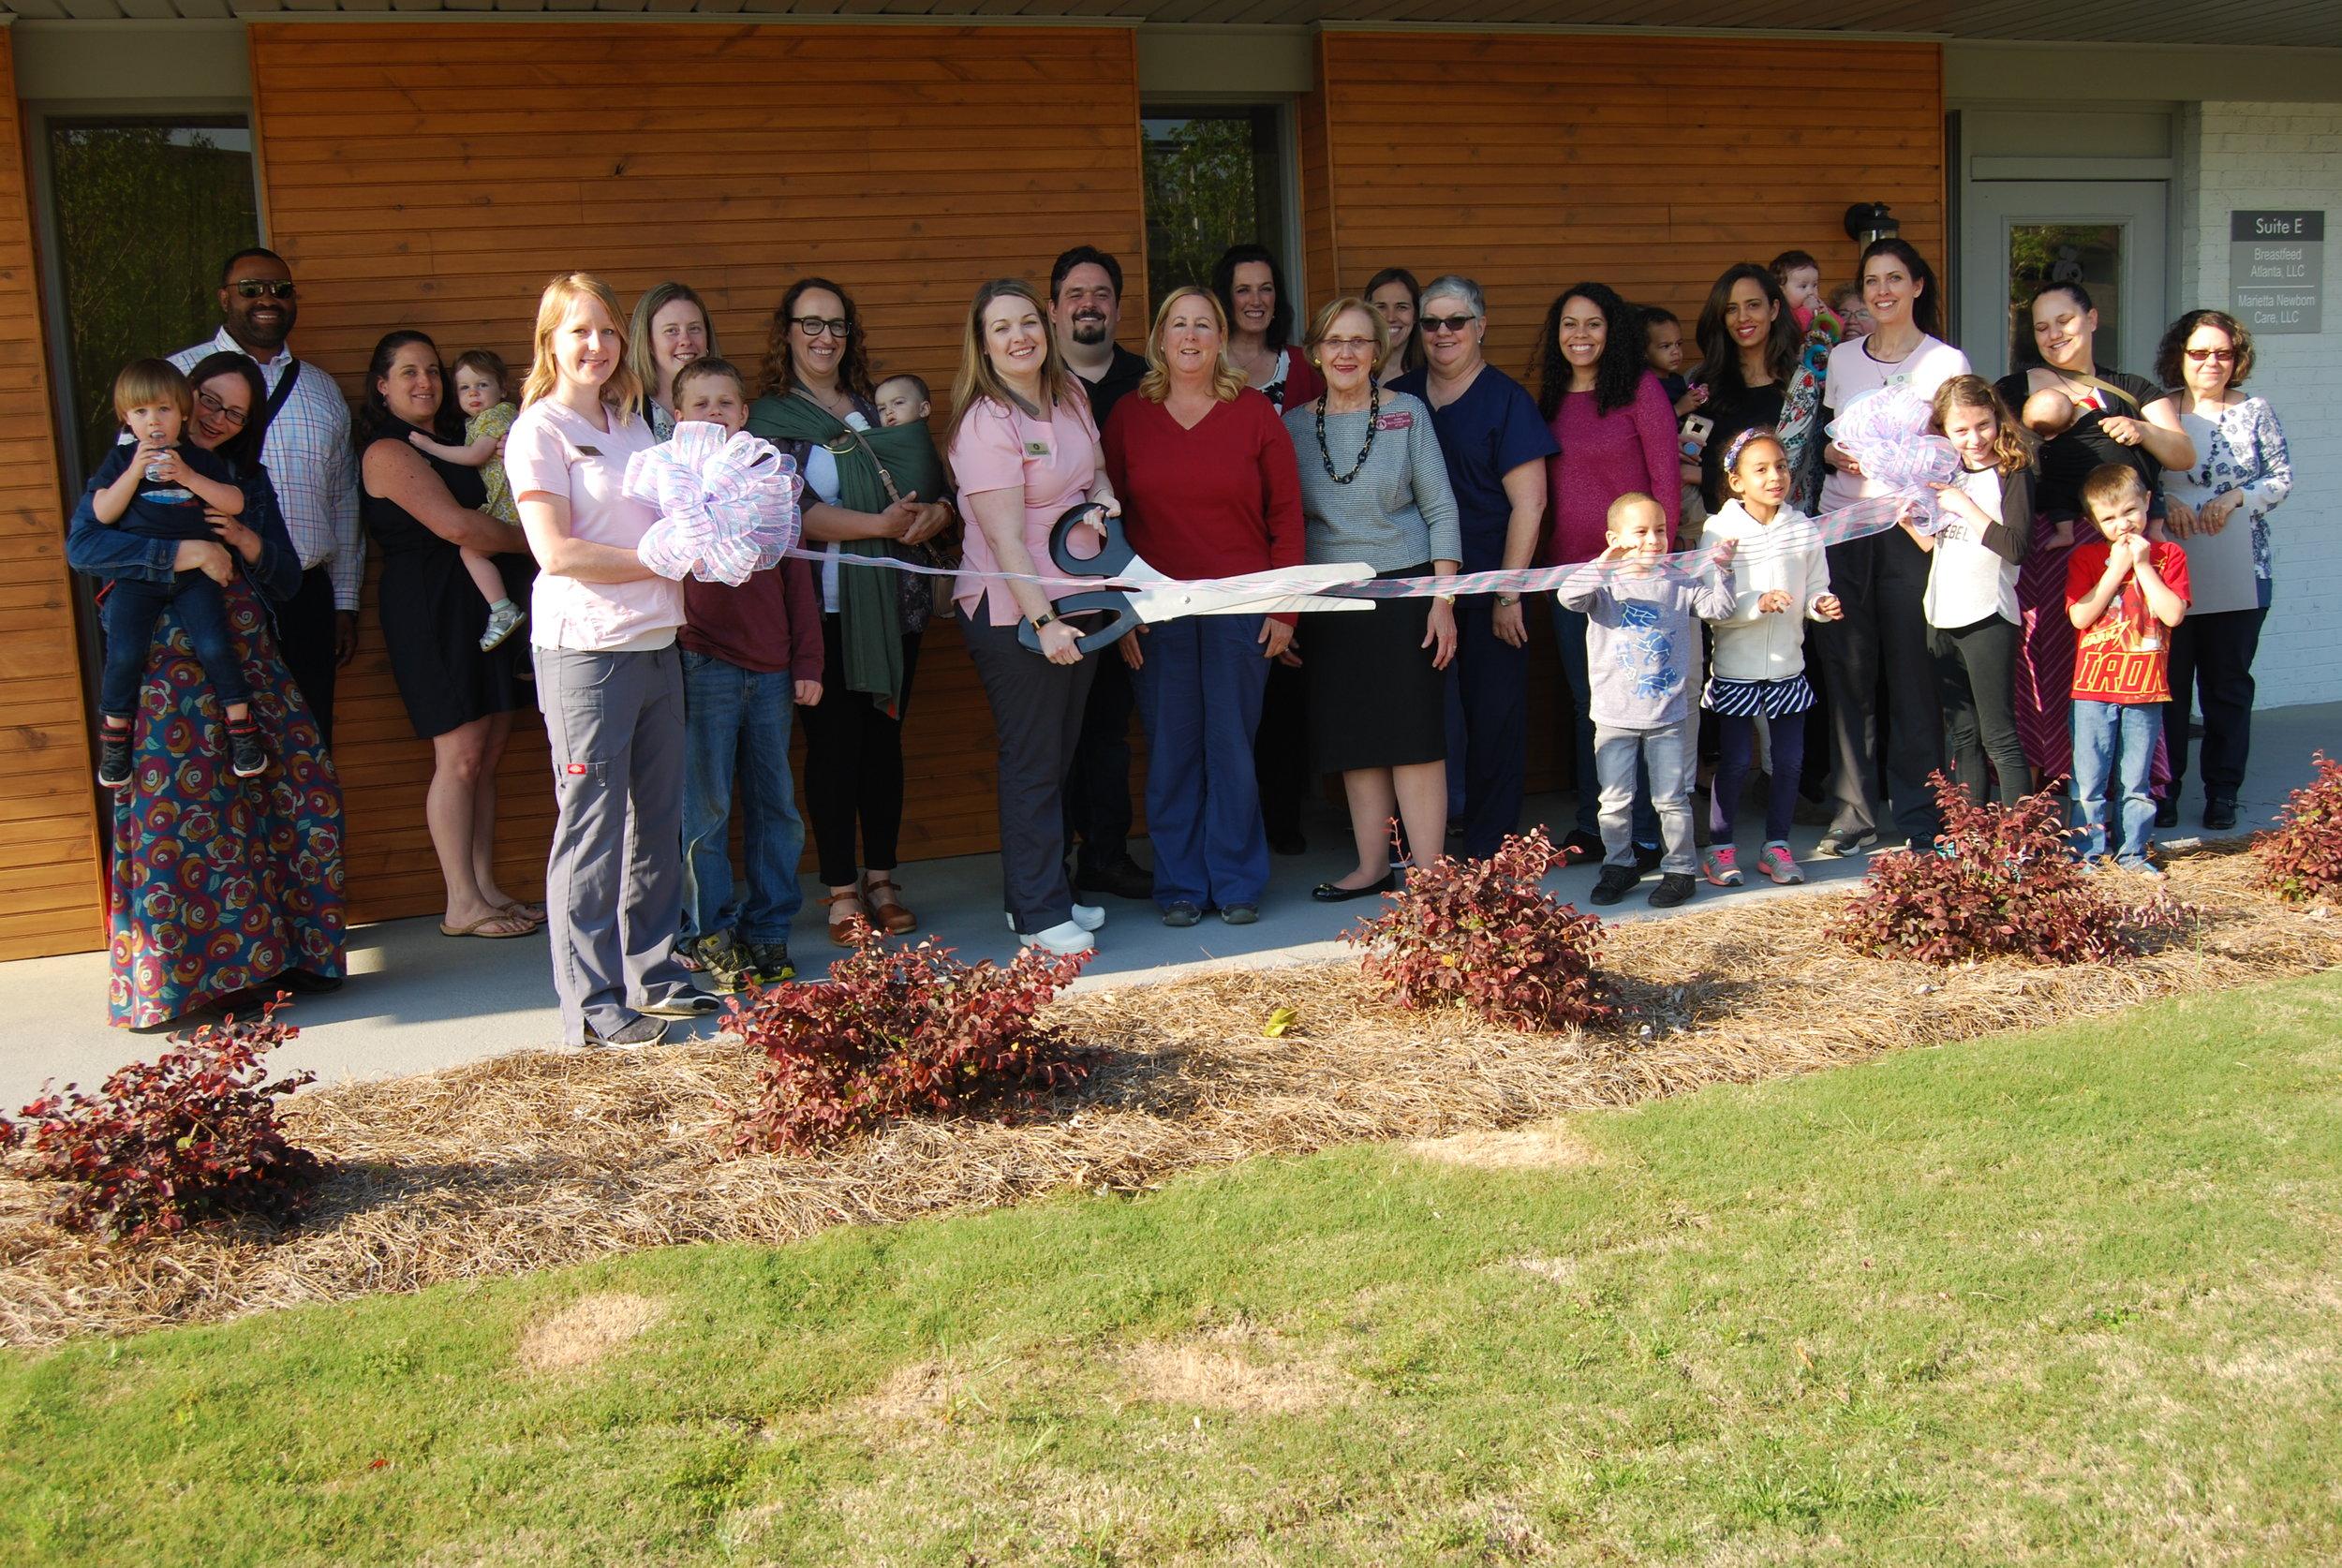 Ribbon cutting celebrating the opening of Breastfeed Atlanta Northwest.